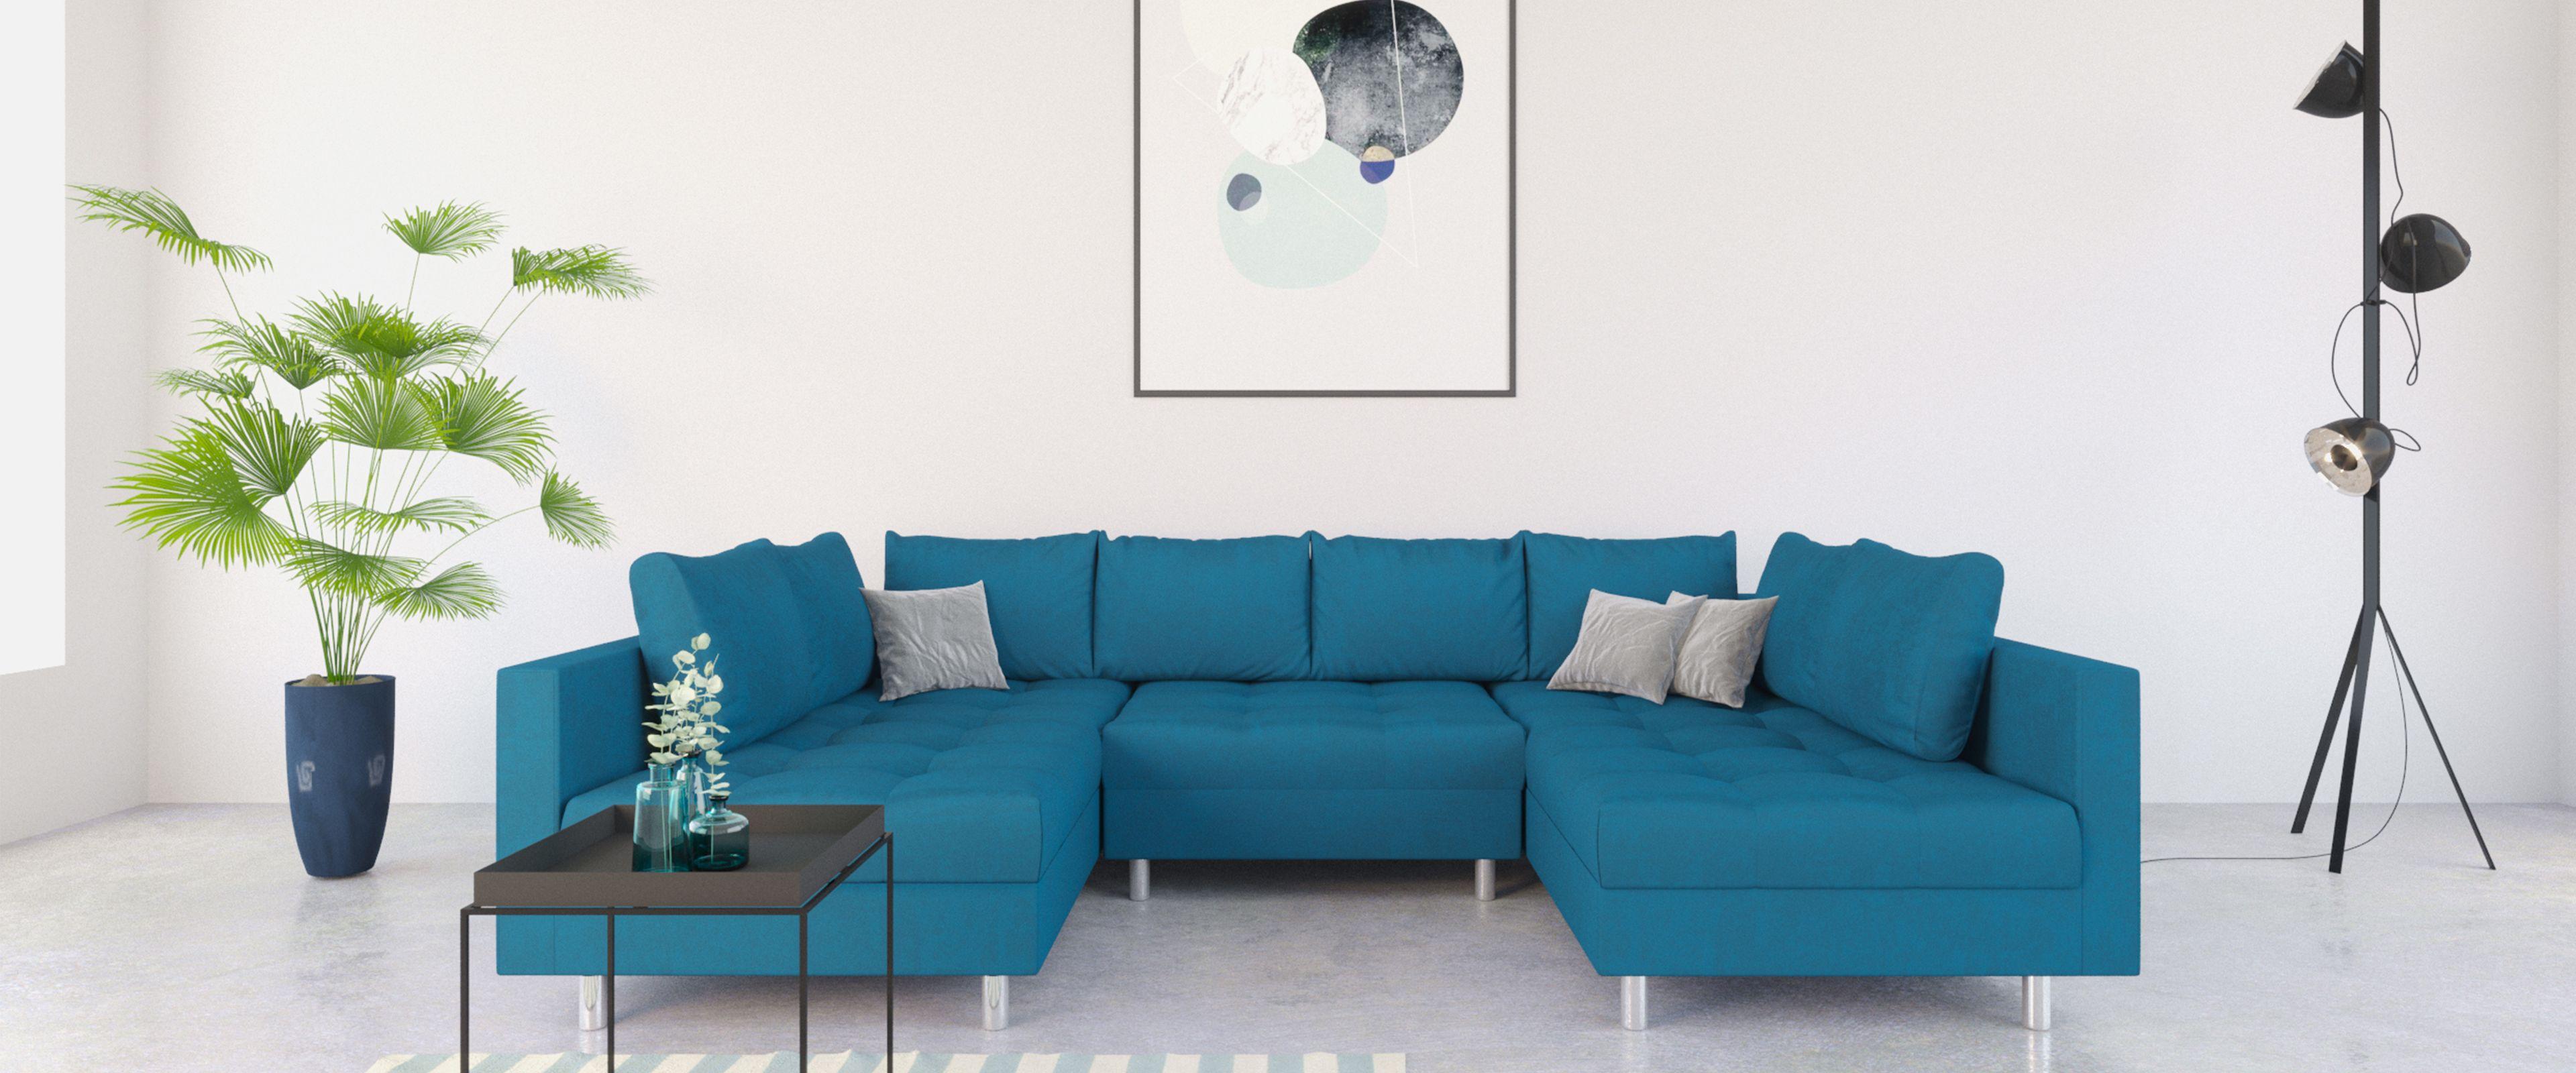 Superb Digital POS 3D/AR Furniture Products For Brands U0026 Furniture Producers